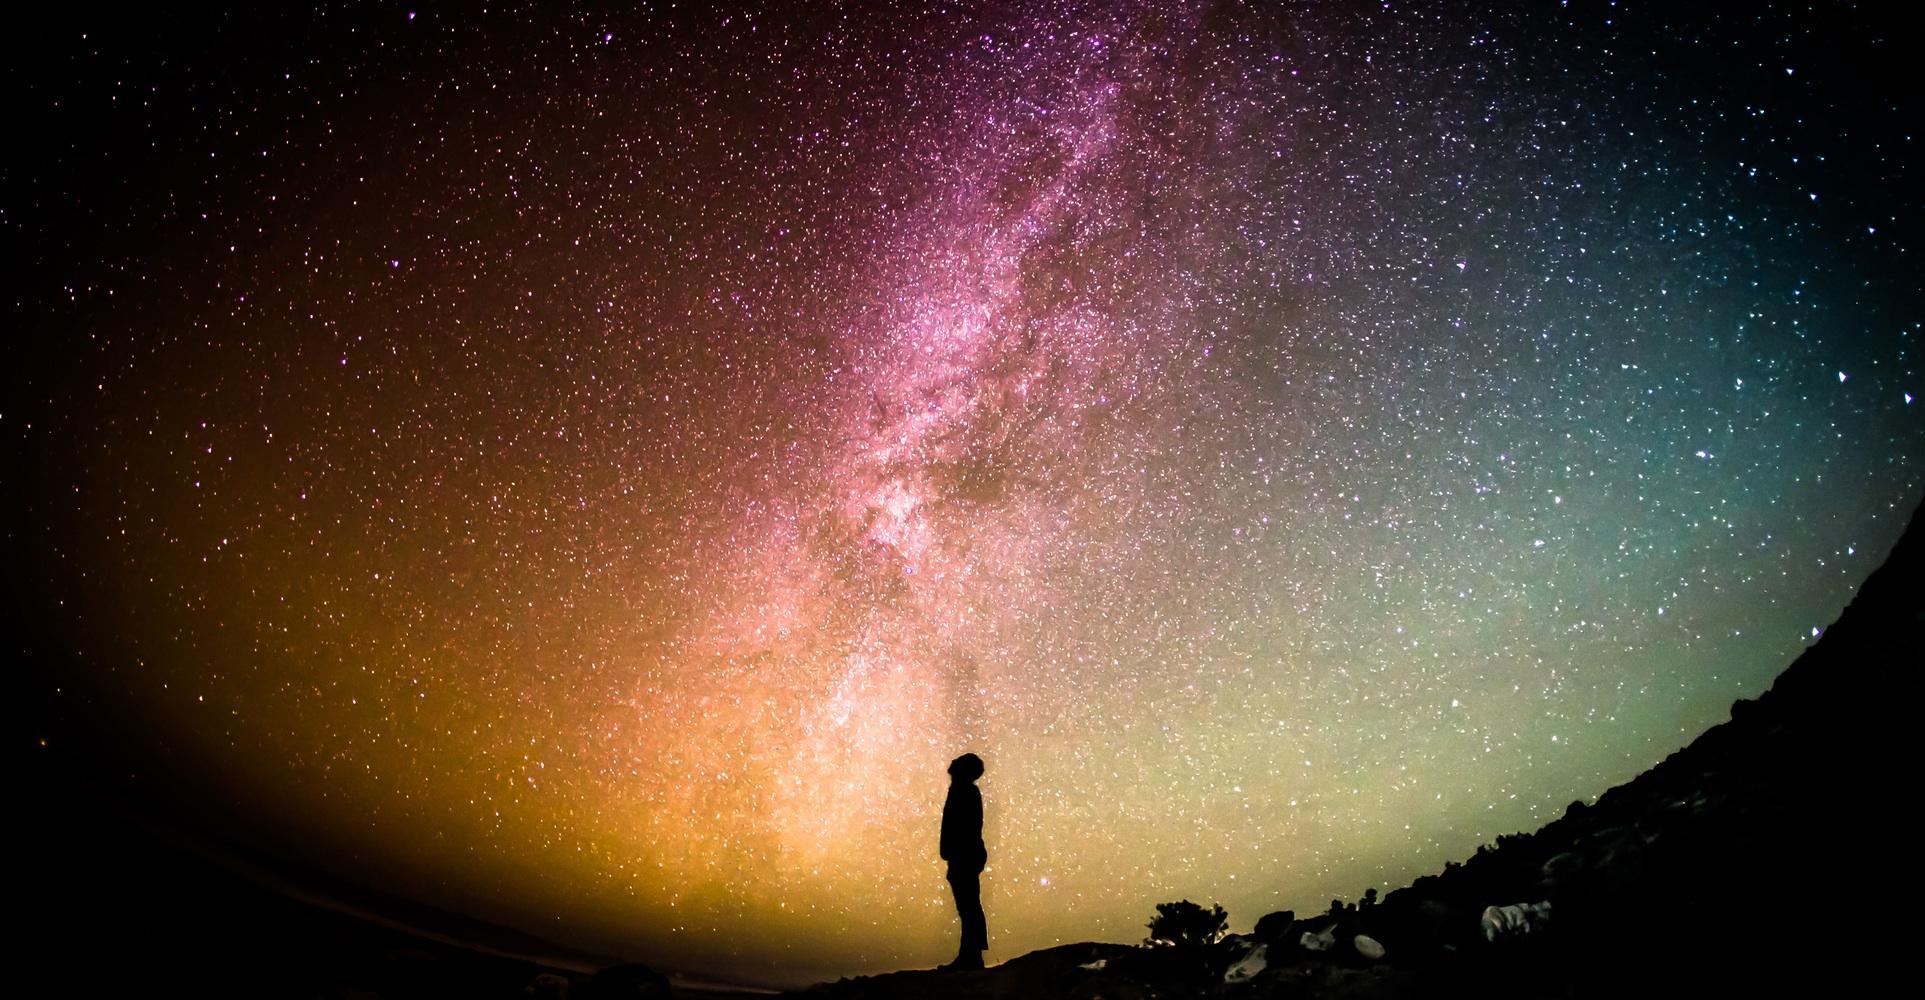 mysticalhorizons-com-flow-of-the-universe.jpg